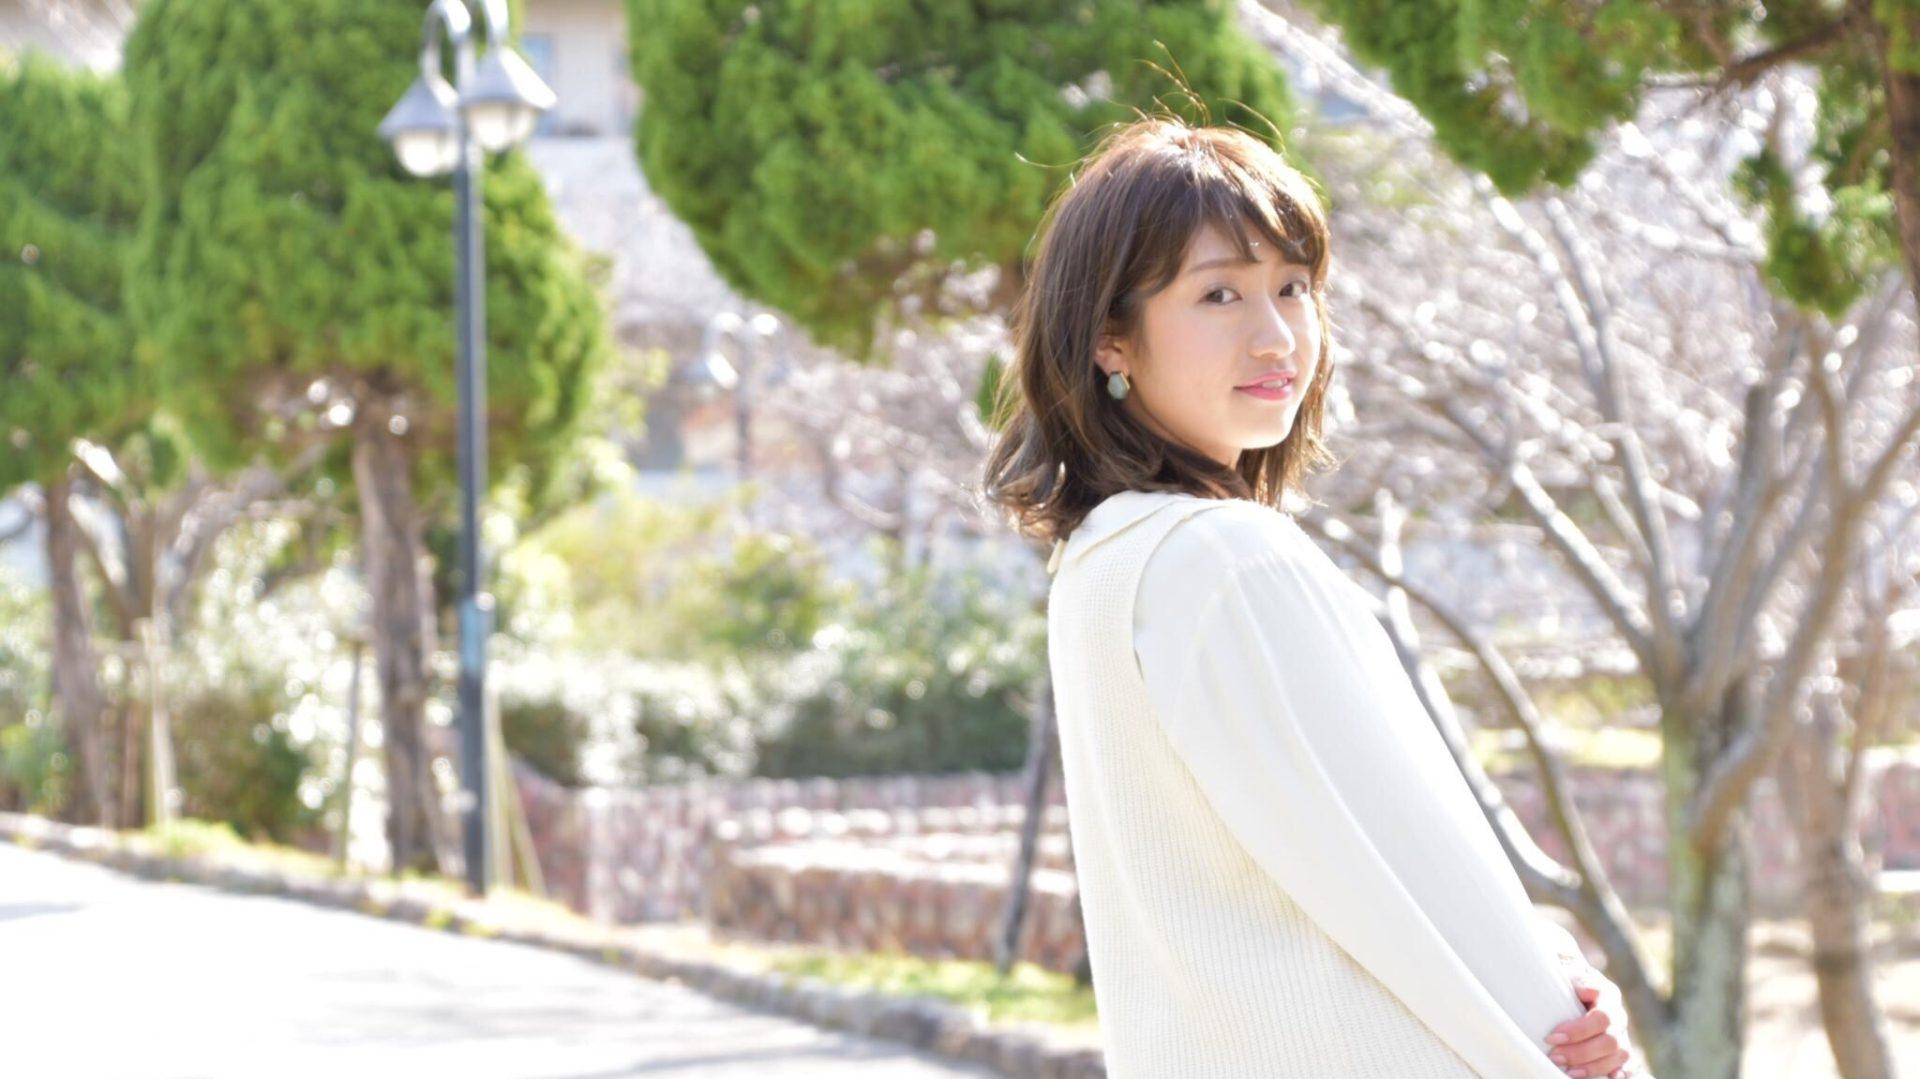 福岡モデル事務所|ピュールエスコートオフィシャルホームページ|pureescort